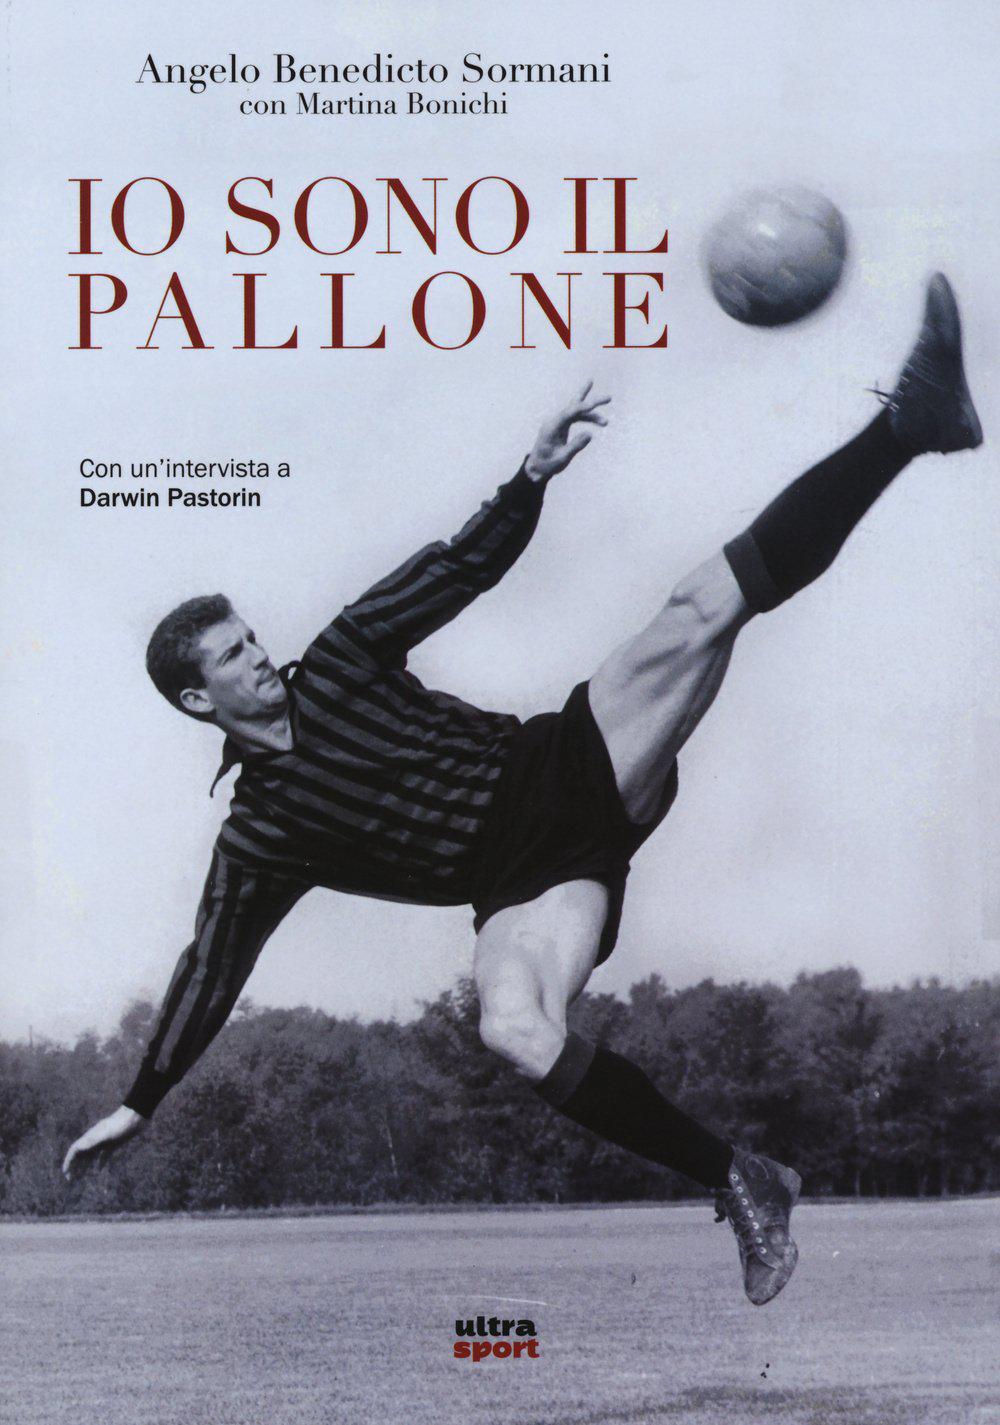 Angelo Benedicto Sormani - Io sono il pallone